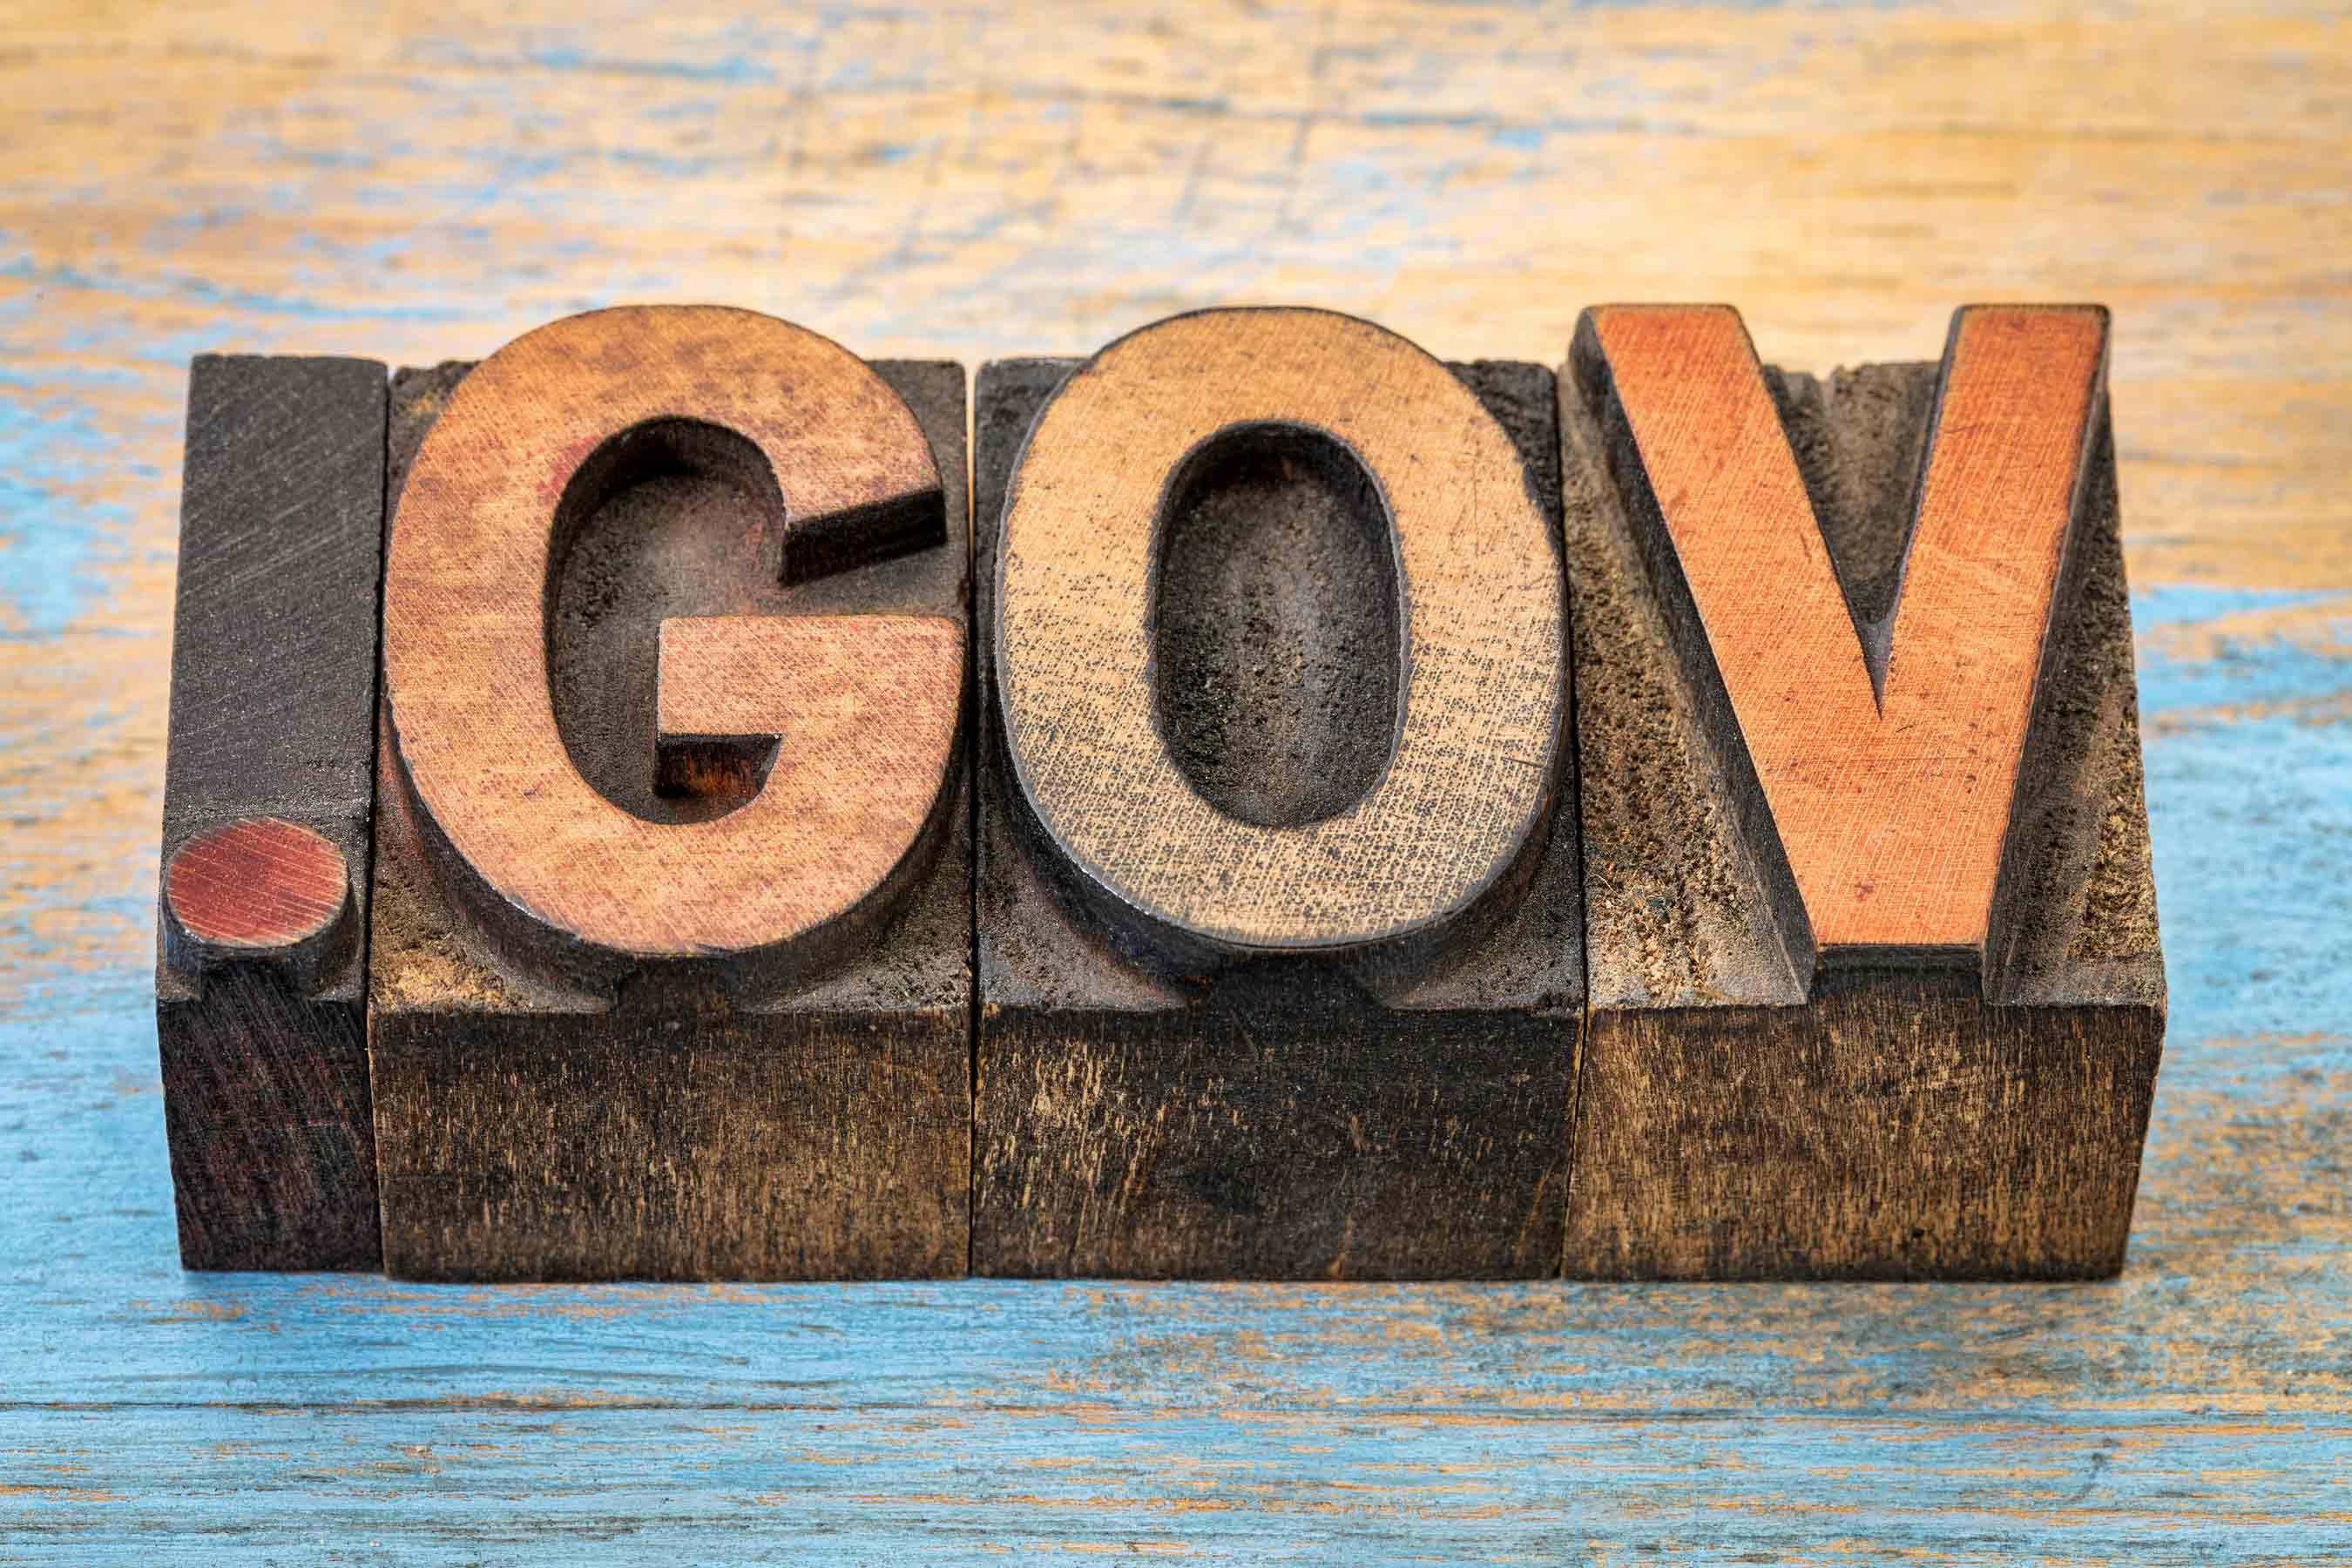 .gov image